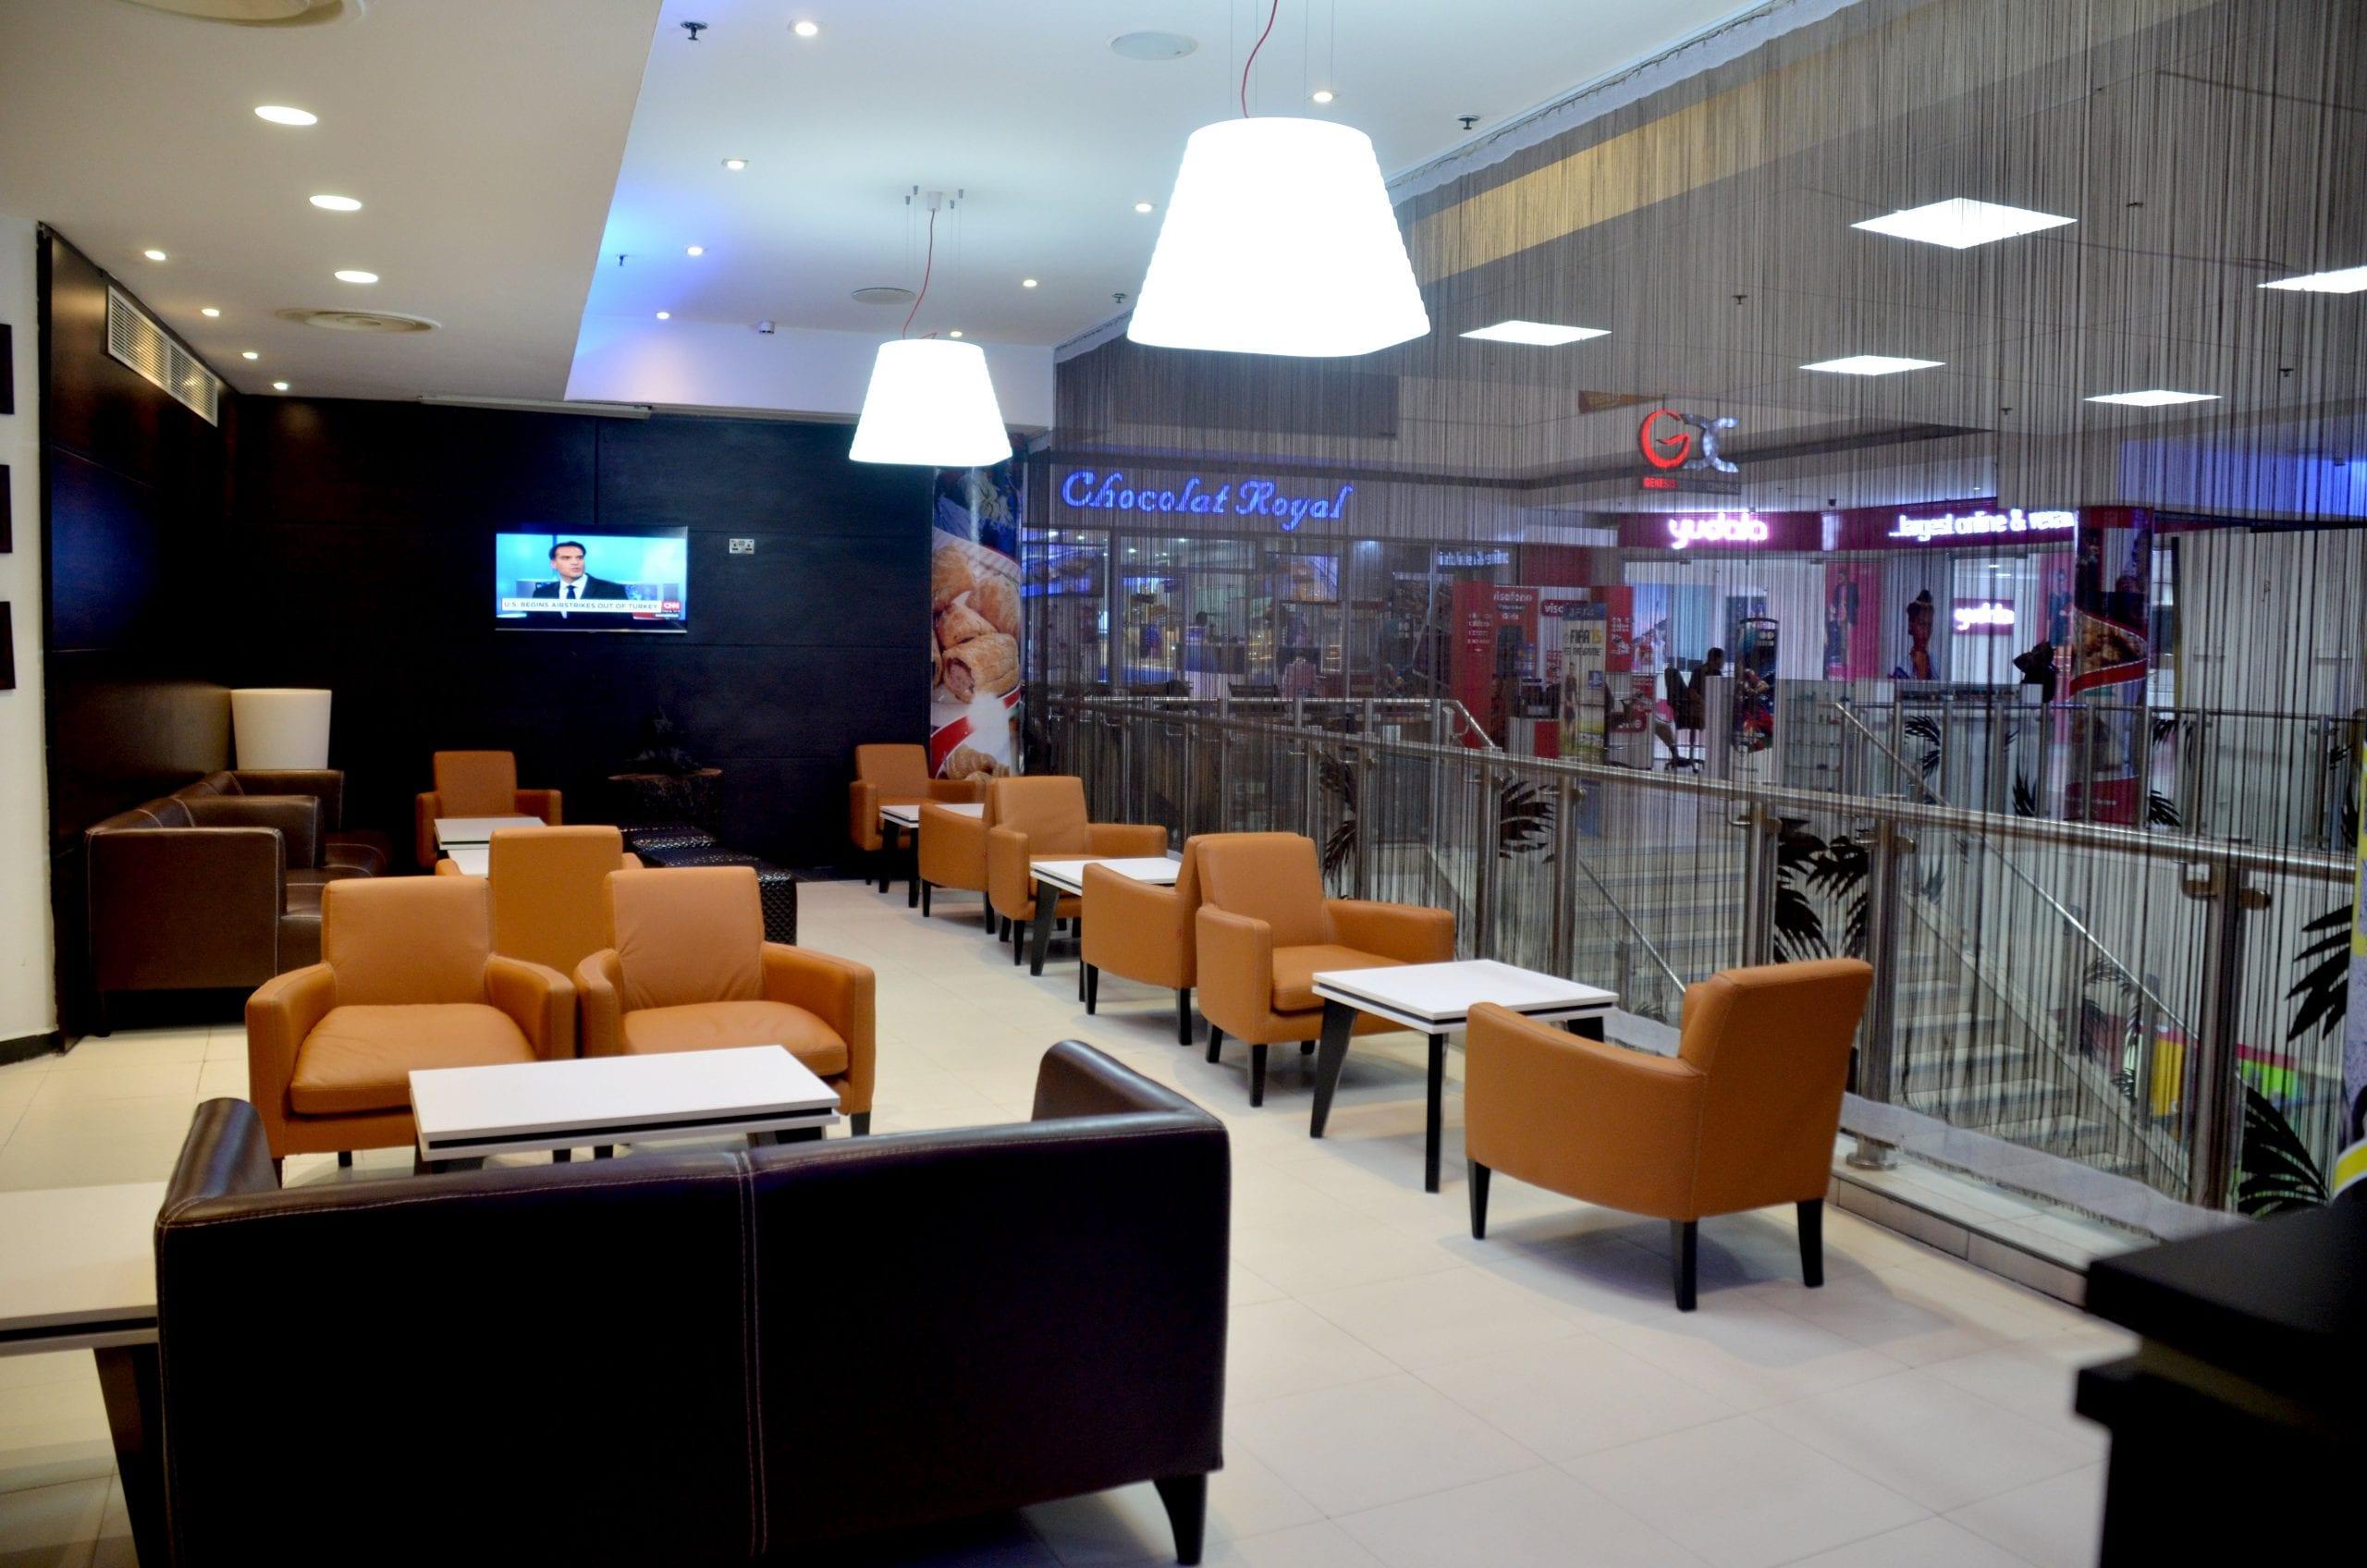 Cinemas Lagos best movie theatres in Lagos Nigeria